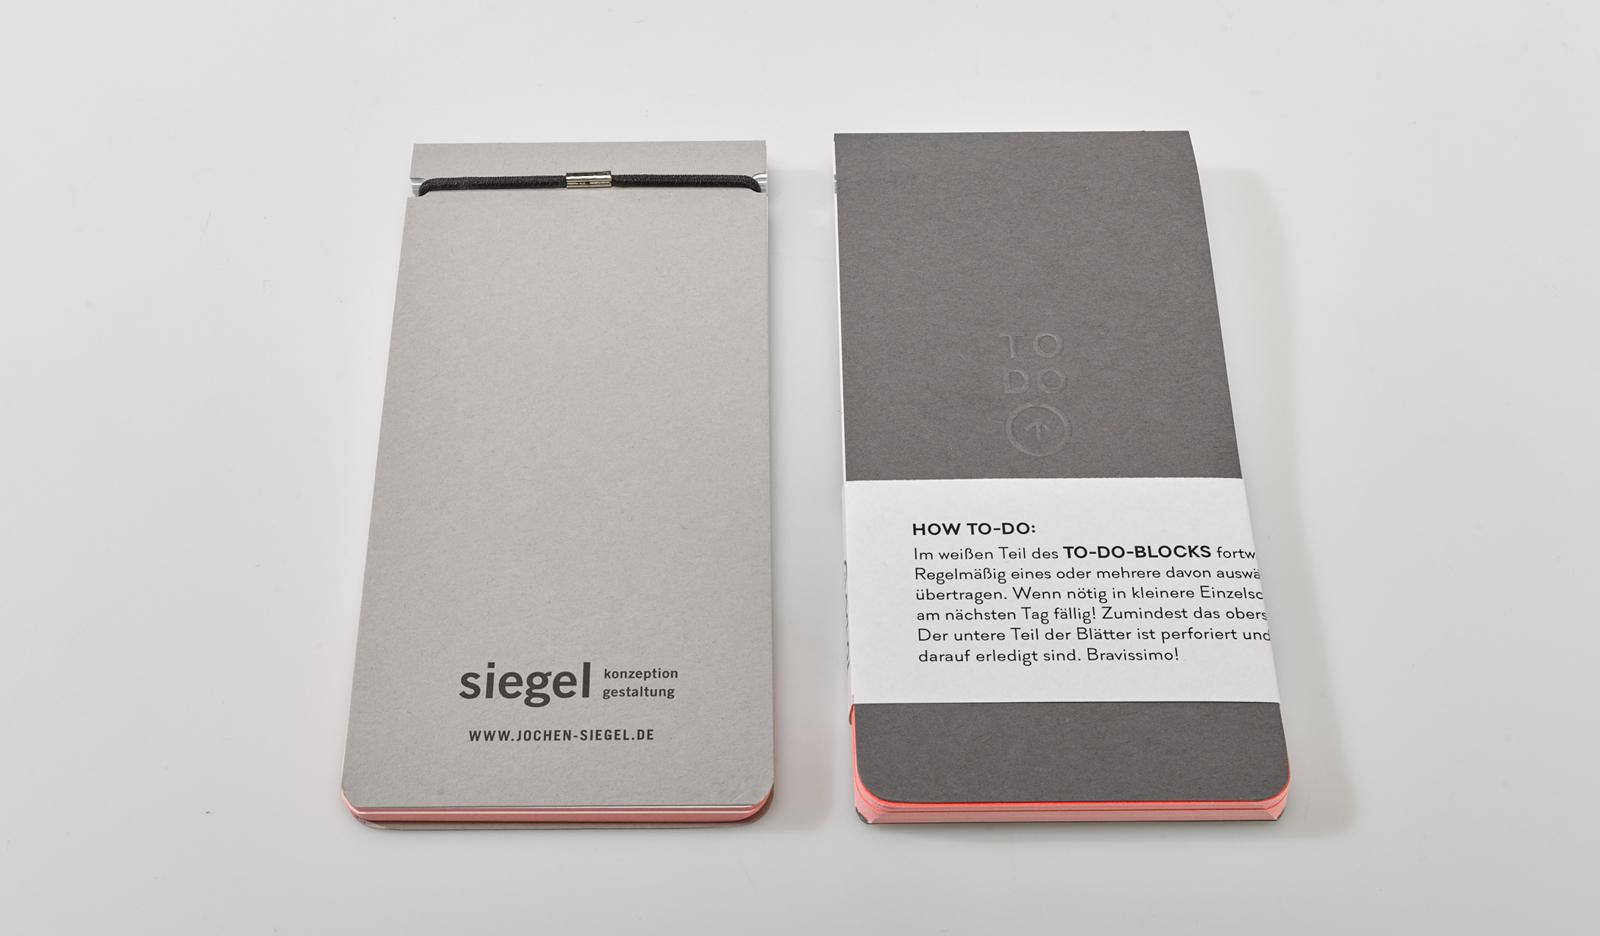 siegel konzeption | gestaltung